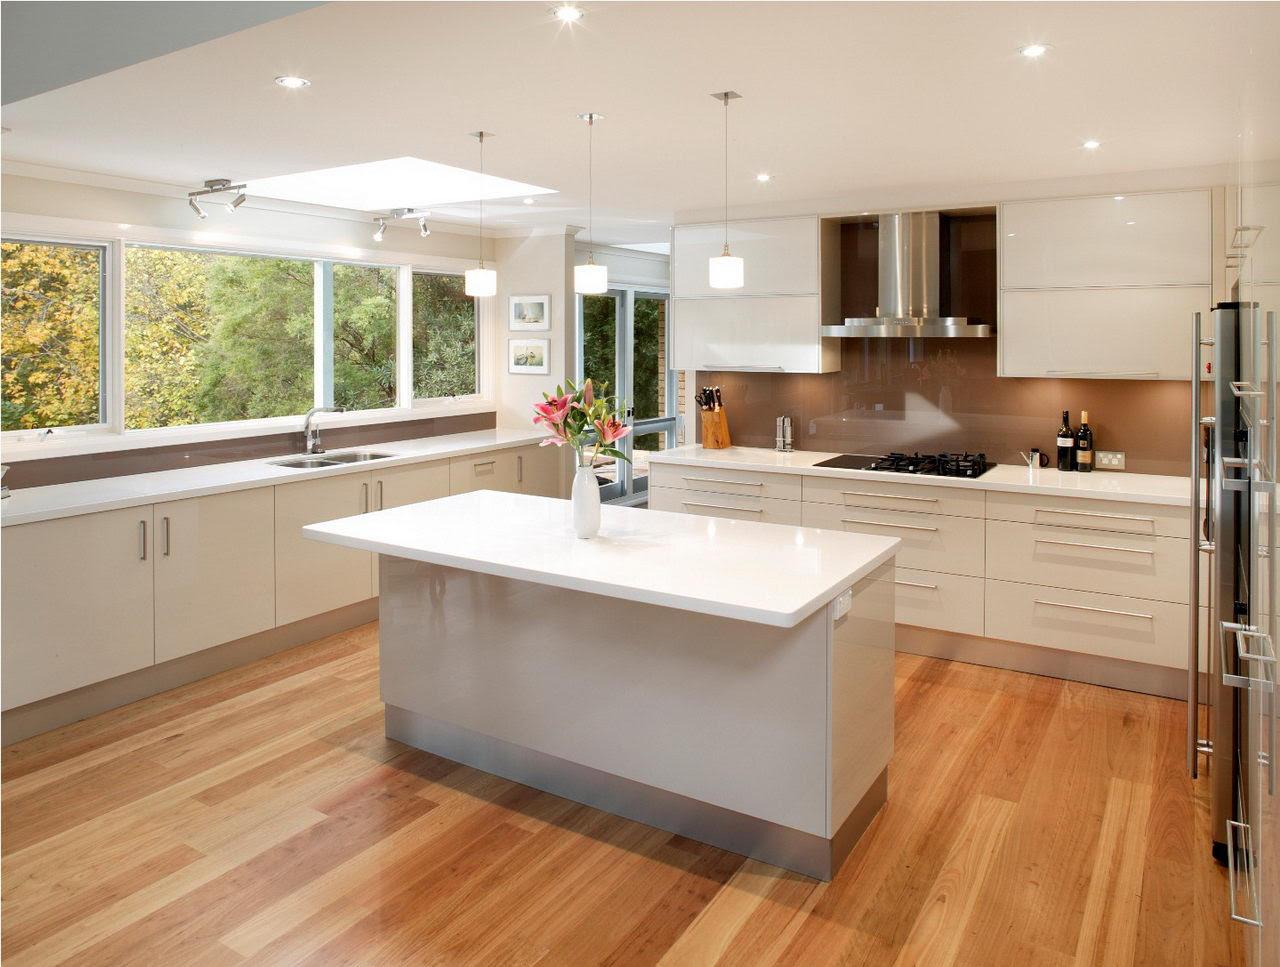 15 Different Kitchen Flooring Designs - Fox Home Design